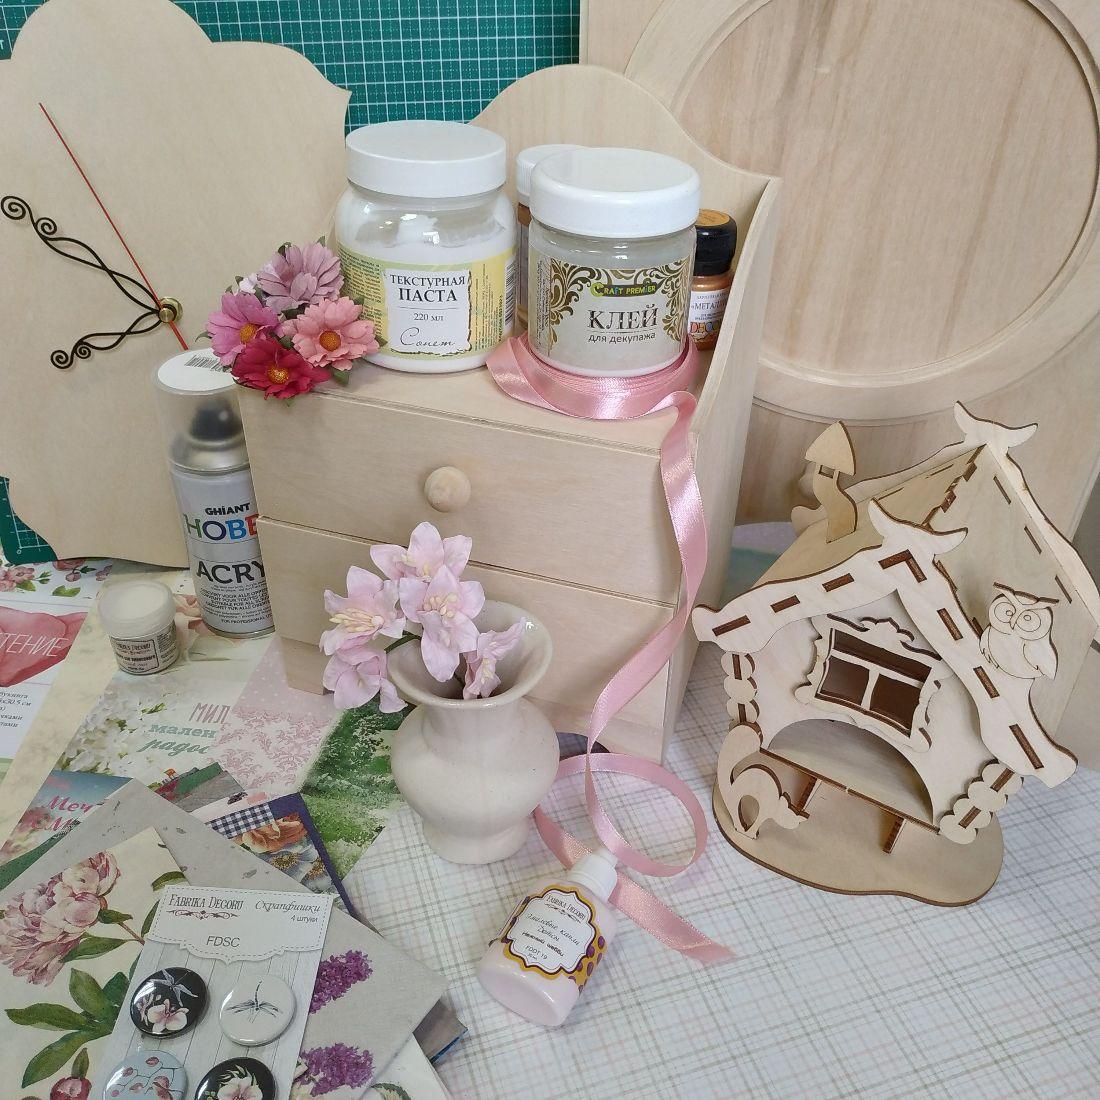 Товары Маг Хобби: заготовки, клеи-лаки, цветы, фишки, прочее